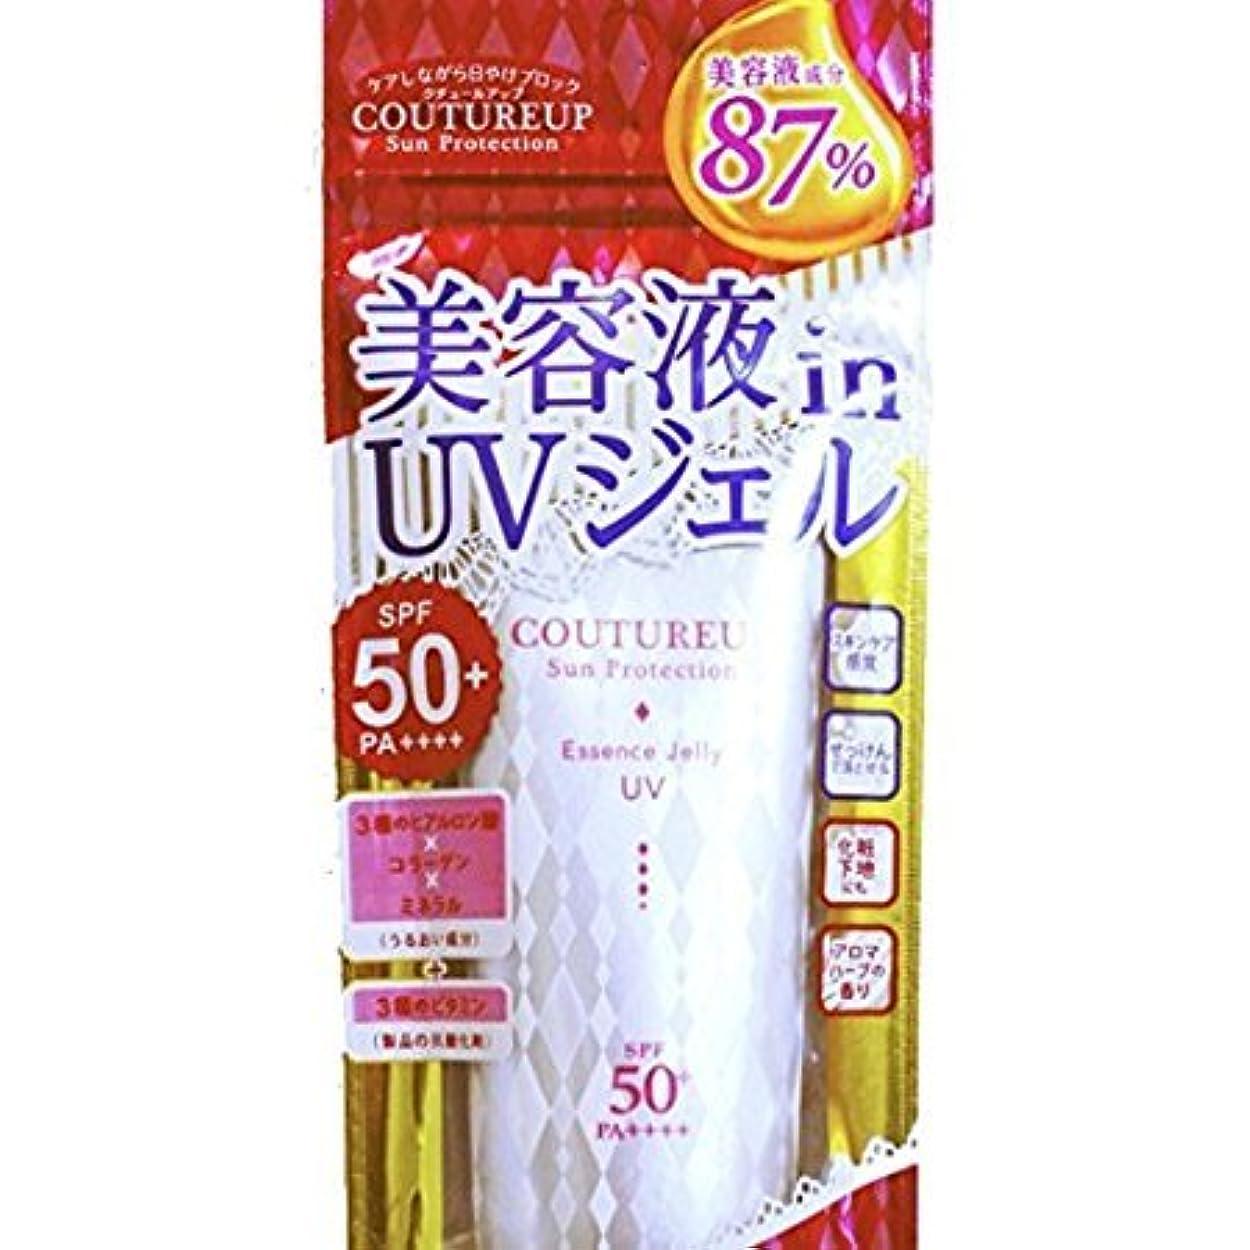 家庭ジェームズダイソンパターン美容液 in UVジェル SPF50+/PA++++ 65g 美容液成分87% 日焼け止め&化粧下地